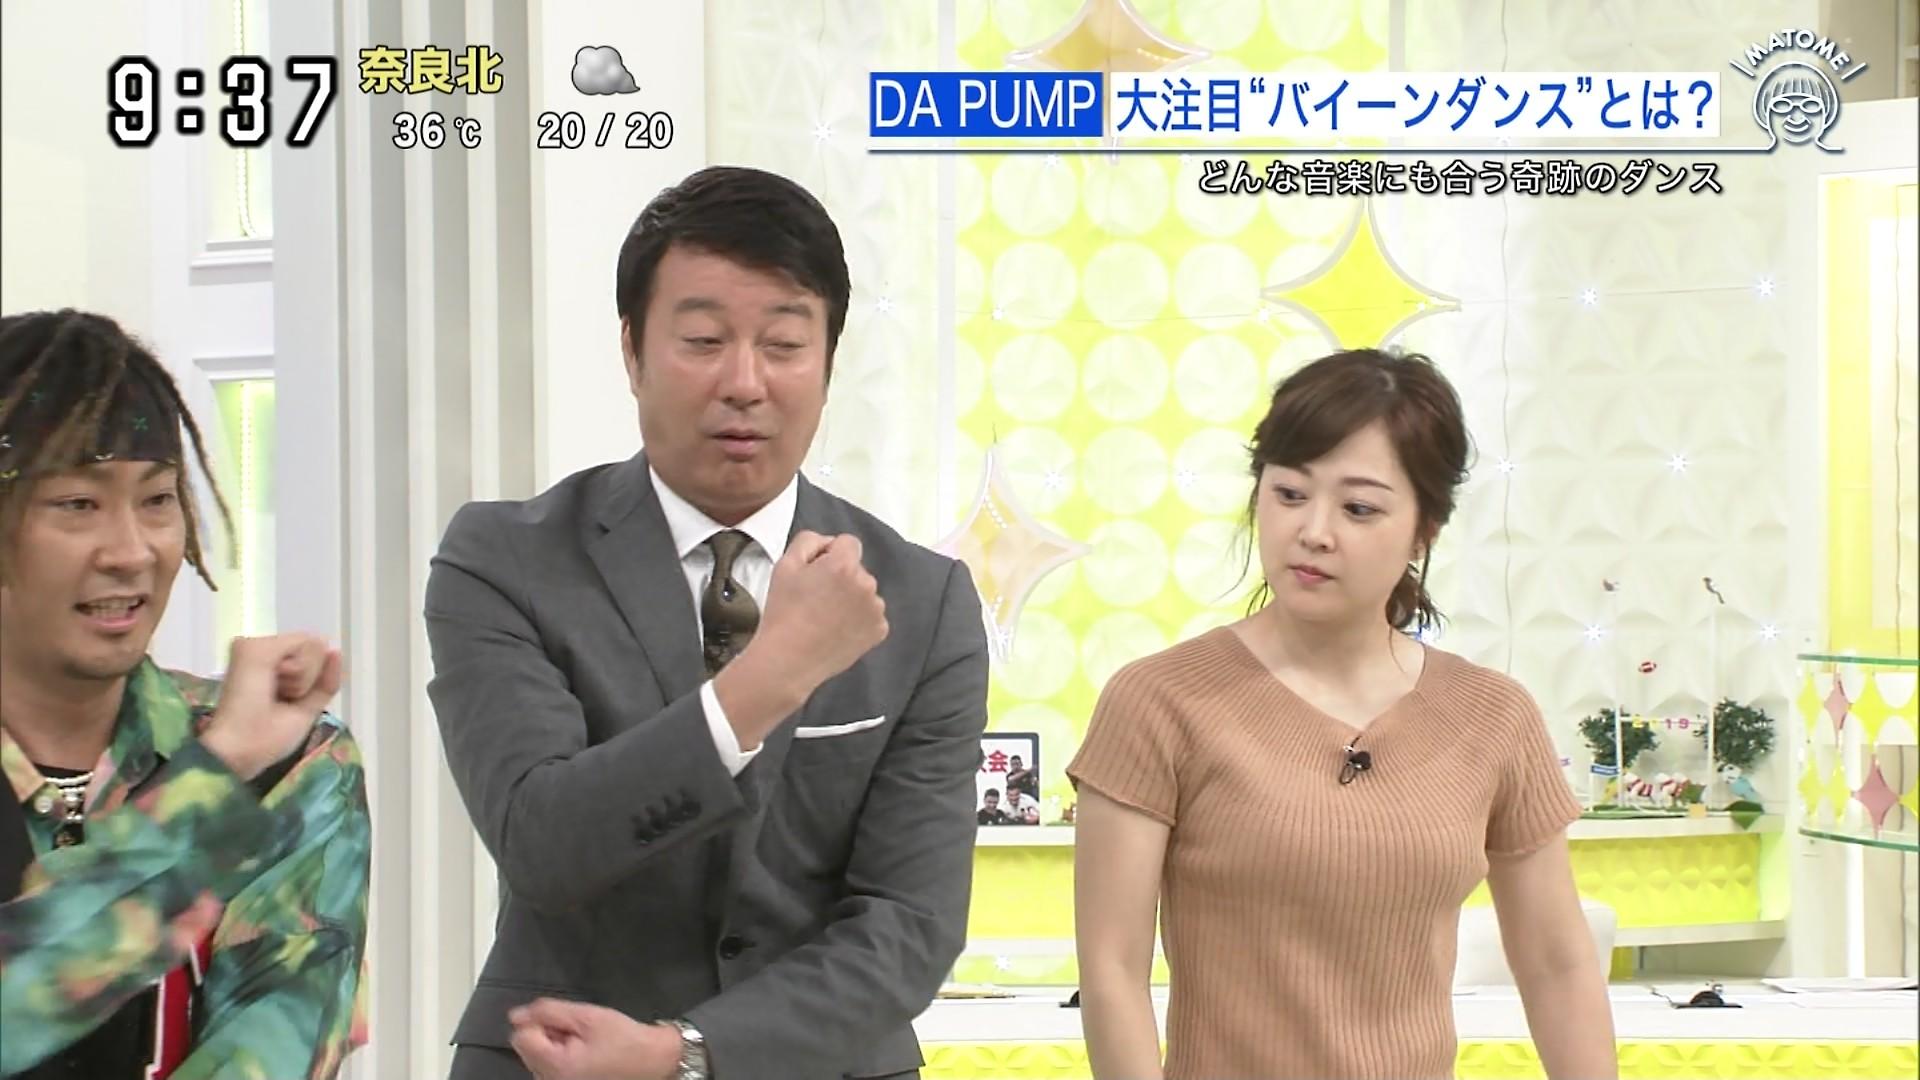 2019年8月13日に放送された「スッキリ」に出演した水卜麻美さんの画像-208